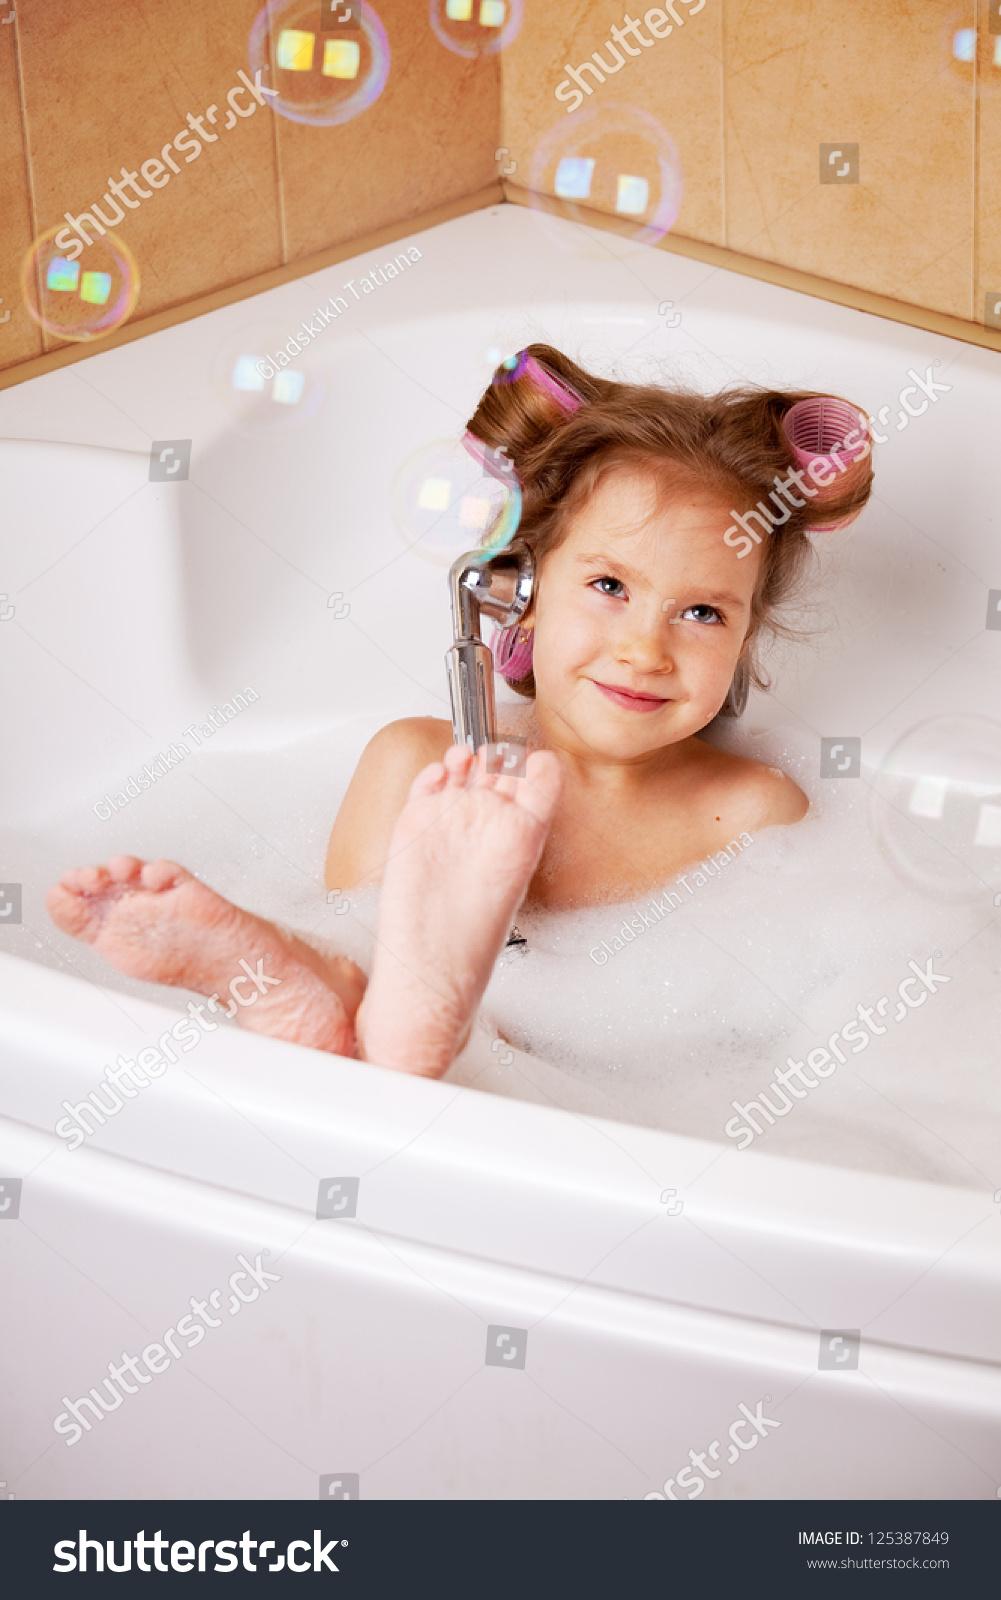 Фото девочек в ванной крупно 17 фотография